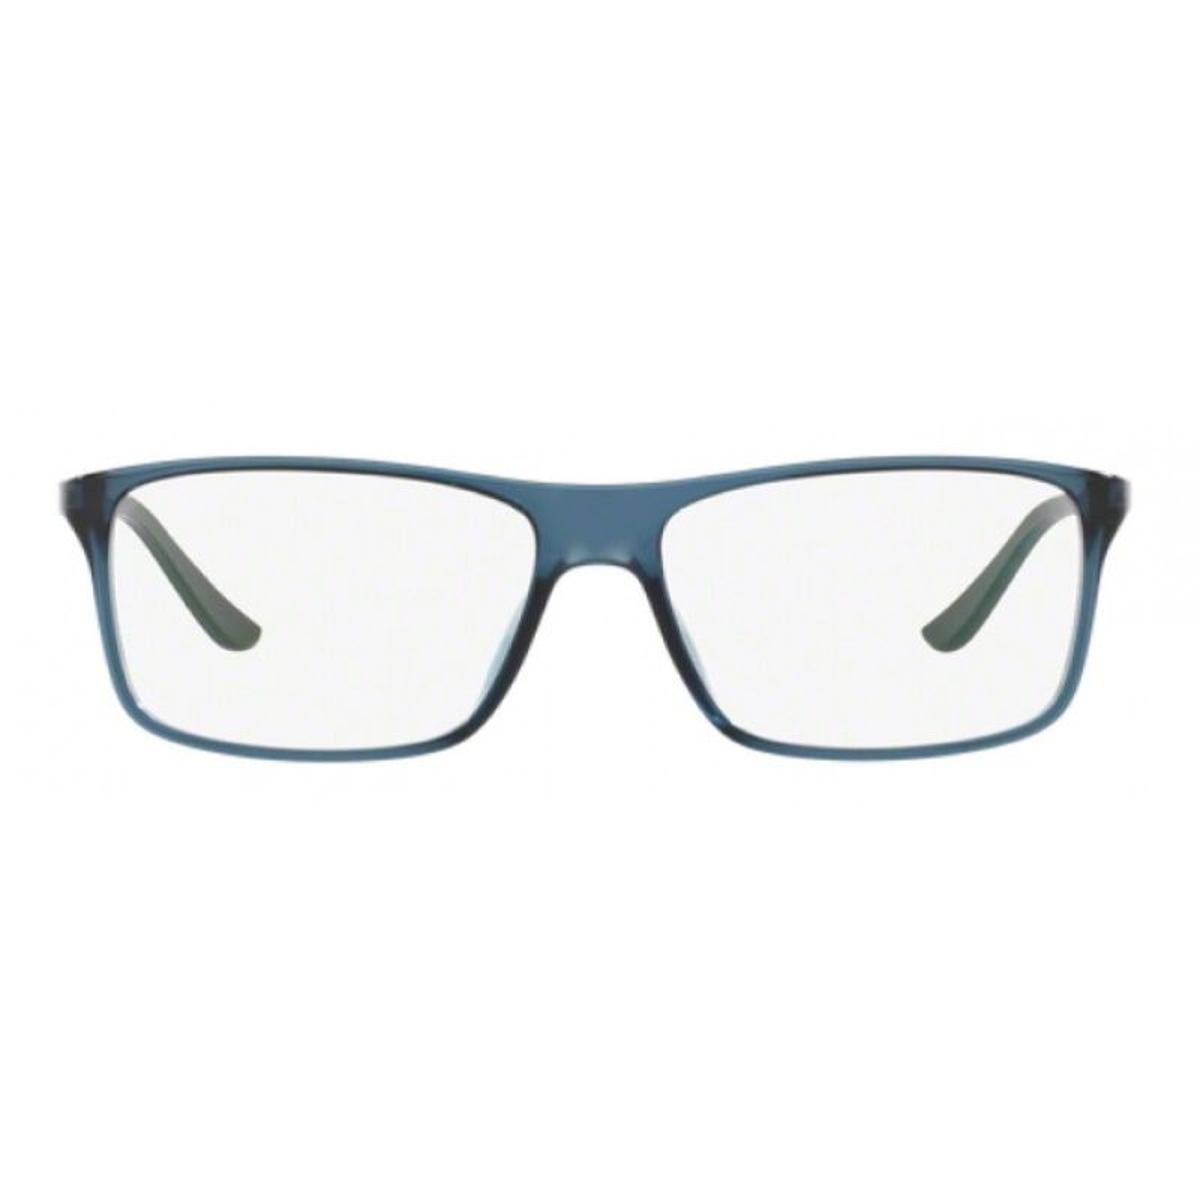 Lunettes de vue pour homme STARCK EYES Bleu SH 1043YX 0020 56/15